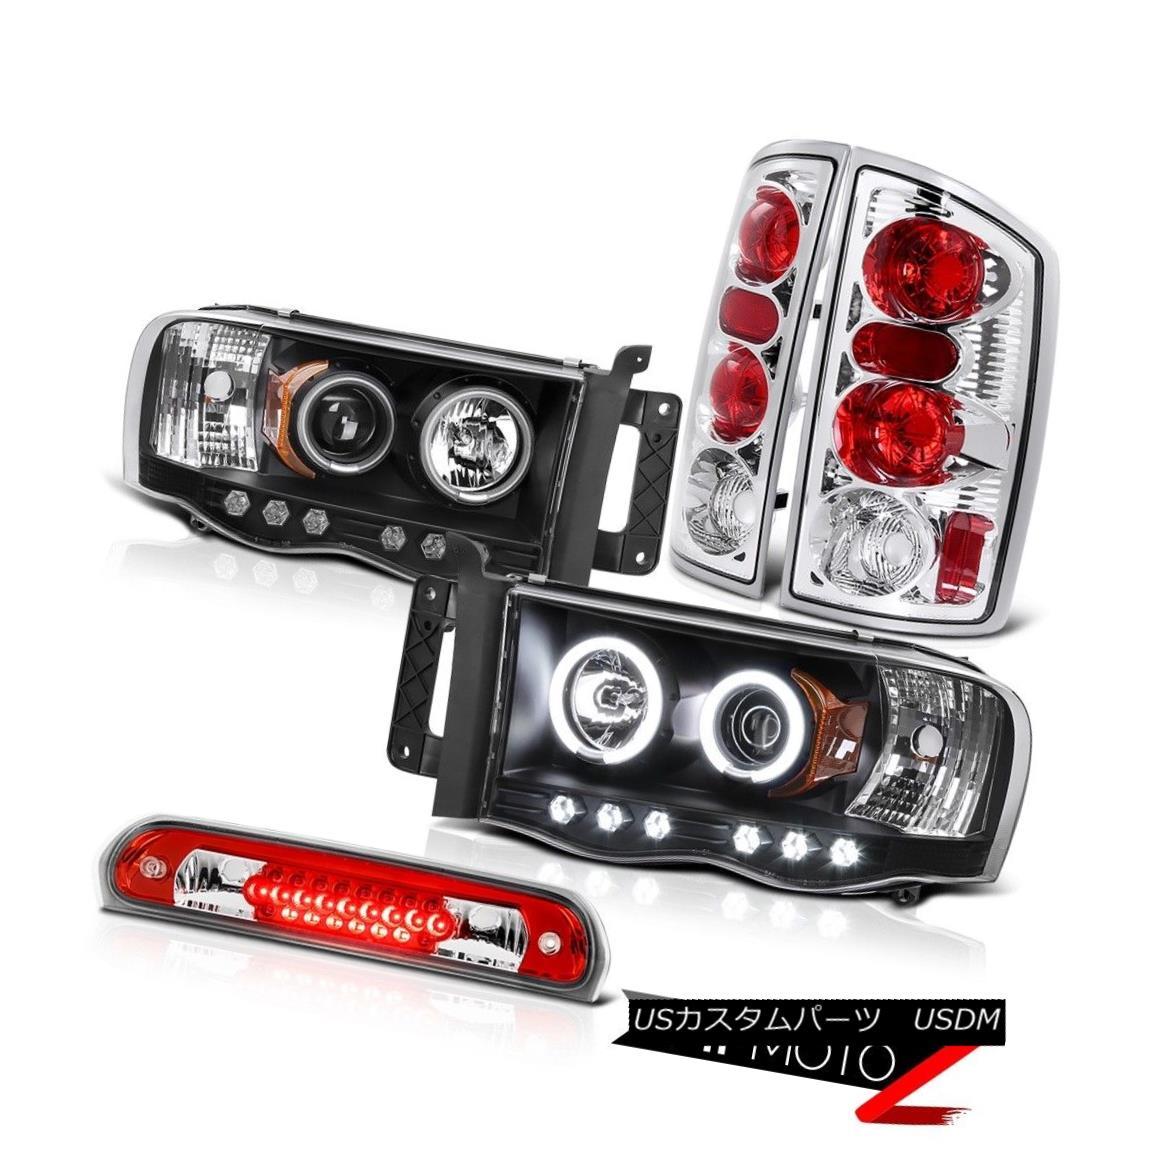 ヘッドライト Dual Halo CCFL Headlamps Clear Tail Light Roof Brake Cargo LED 02-05 Dodge Ram デュアルHalo CCFLヘッドランプクリアテールライトルーフブレーキカーゴLED 02-05 Dodge Ram